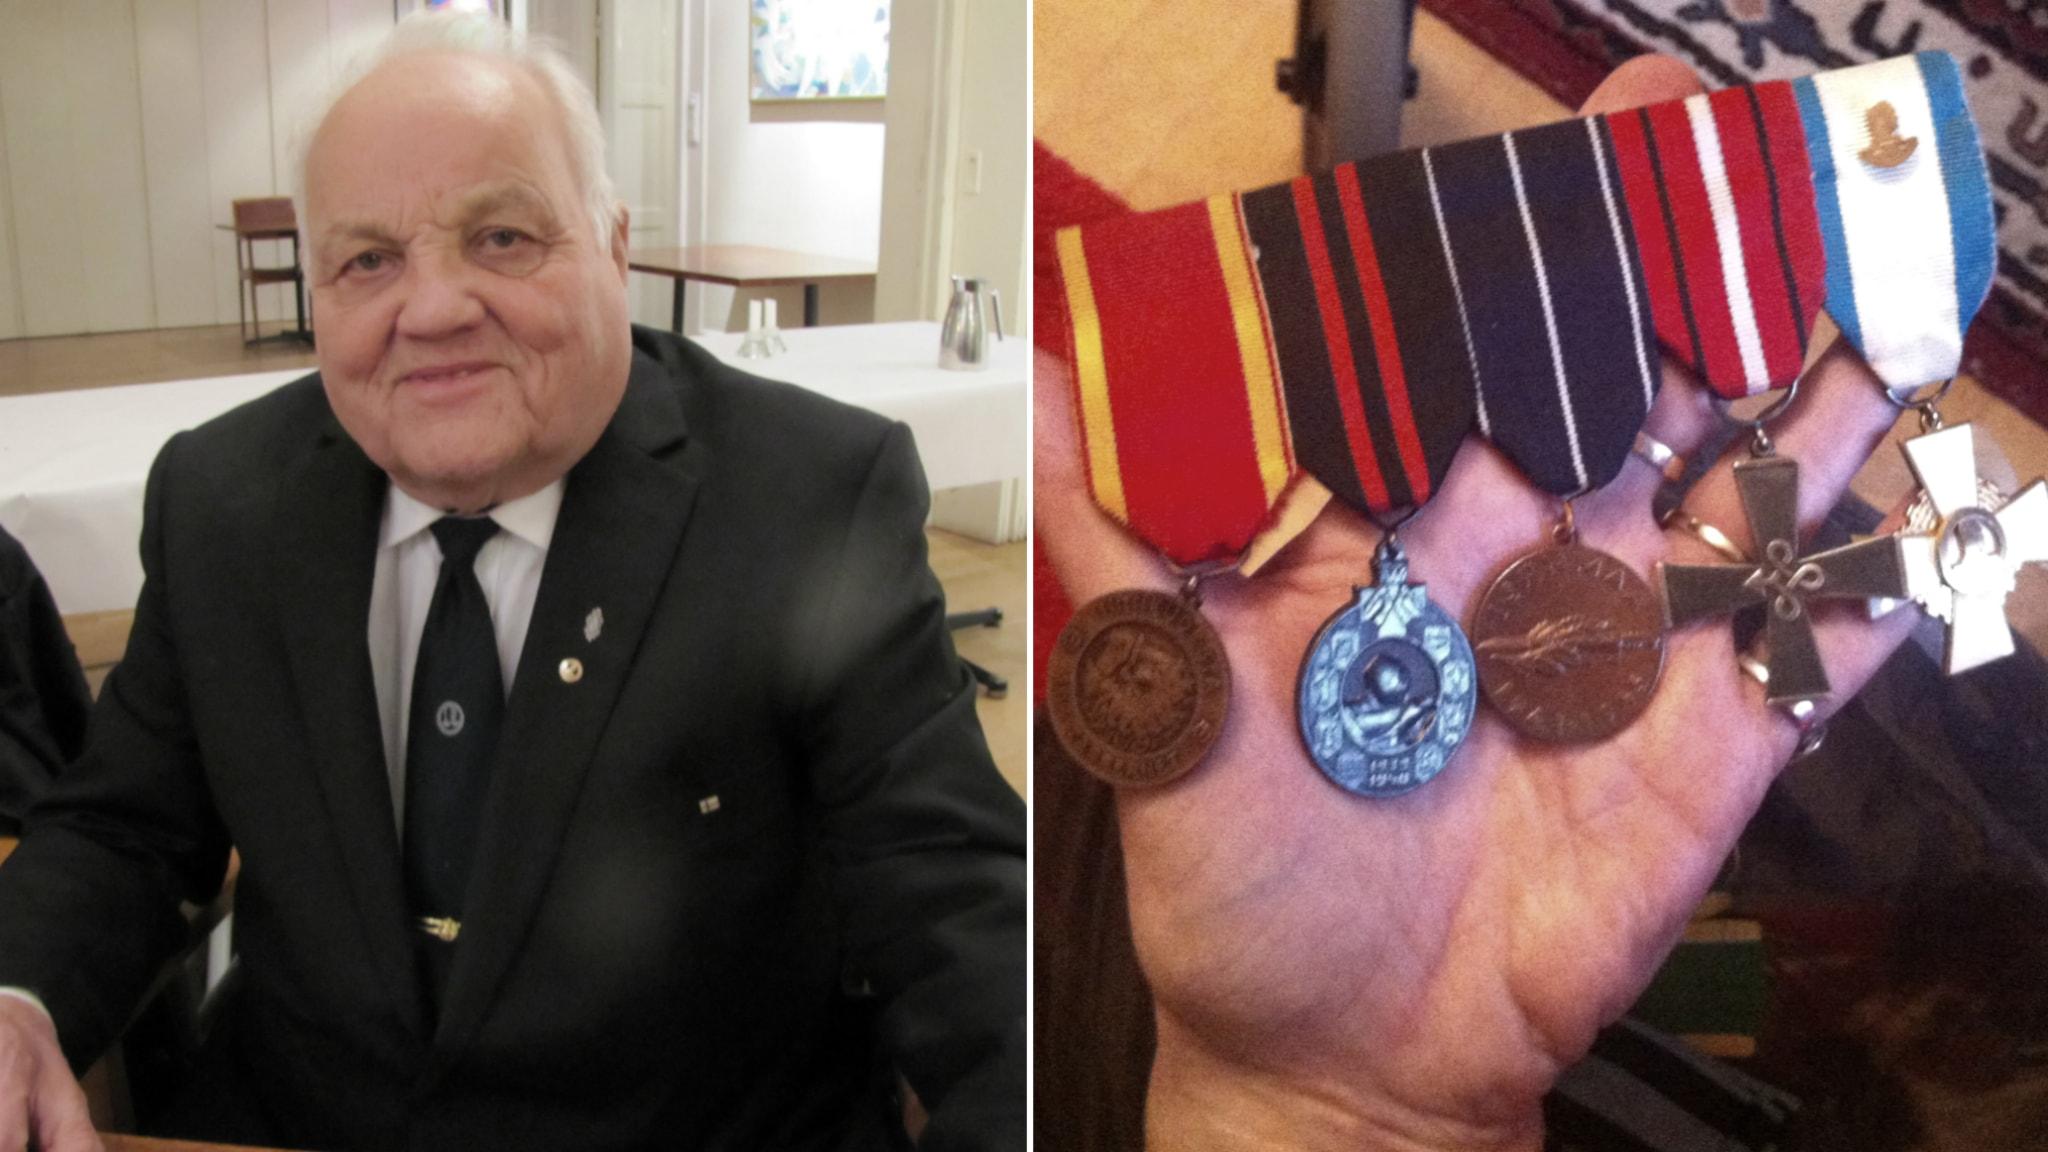 Sotaveteraani Aapo Knaapi ja hänen sodassa ansaitsemansa kunniamerkit. Foto: Soili Huokuna / Sveriges Radio Sisuradio